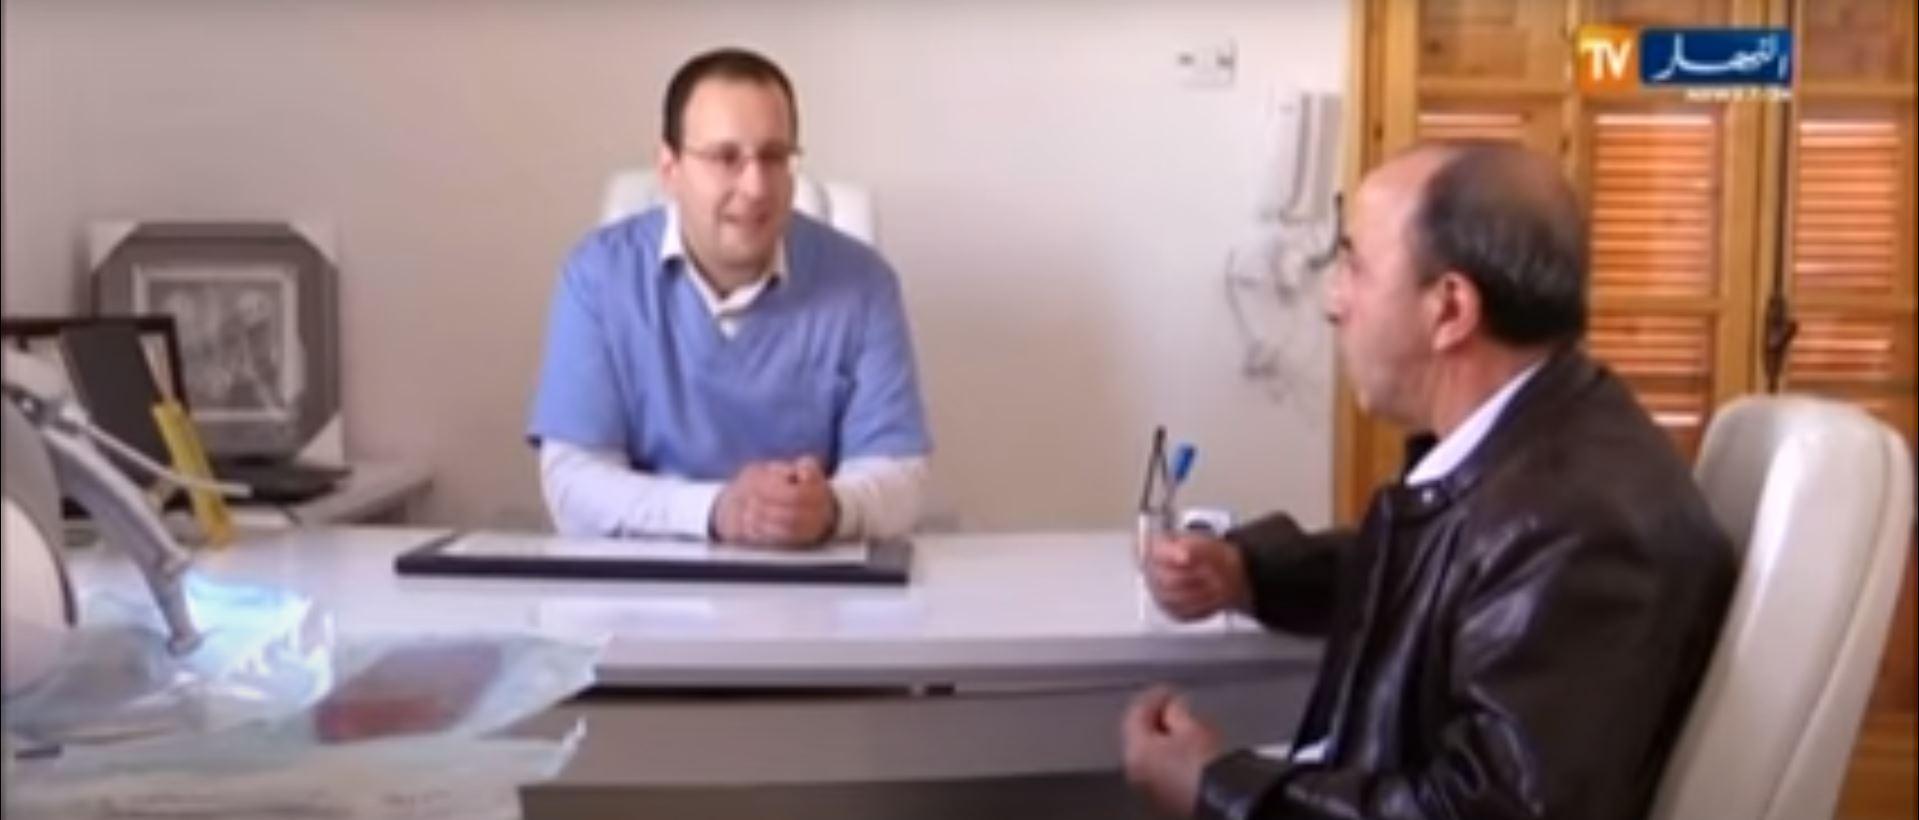 L'implantologie sans chirurgie, les dernières avancées dans le domaine dentaire